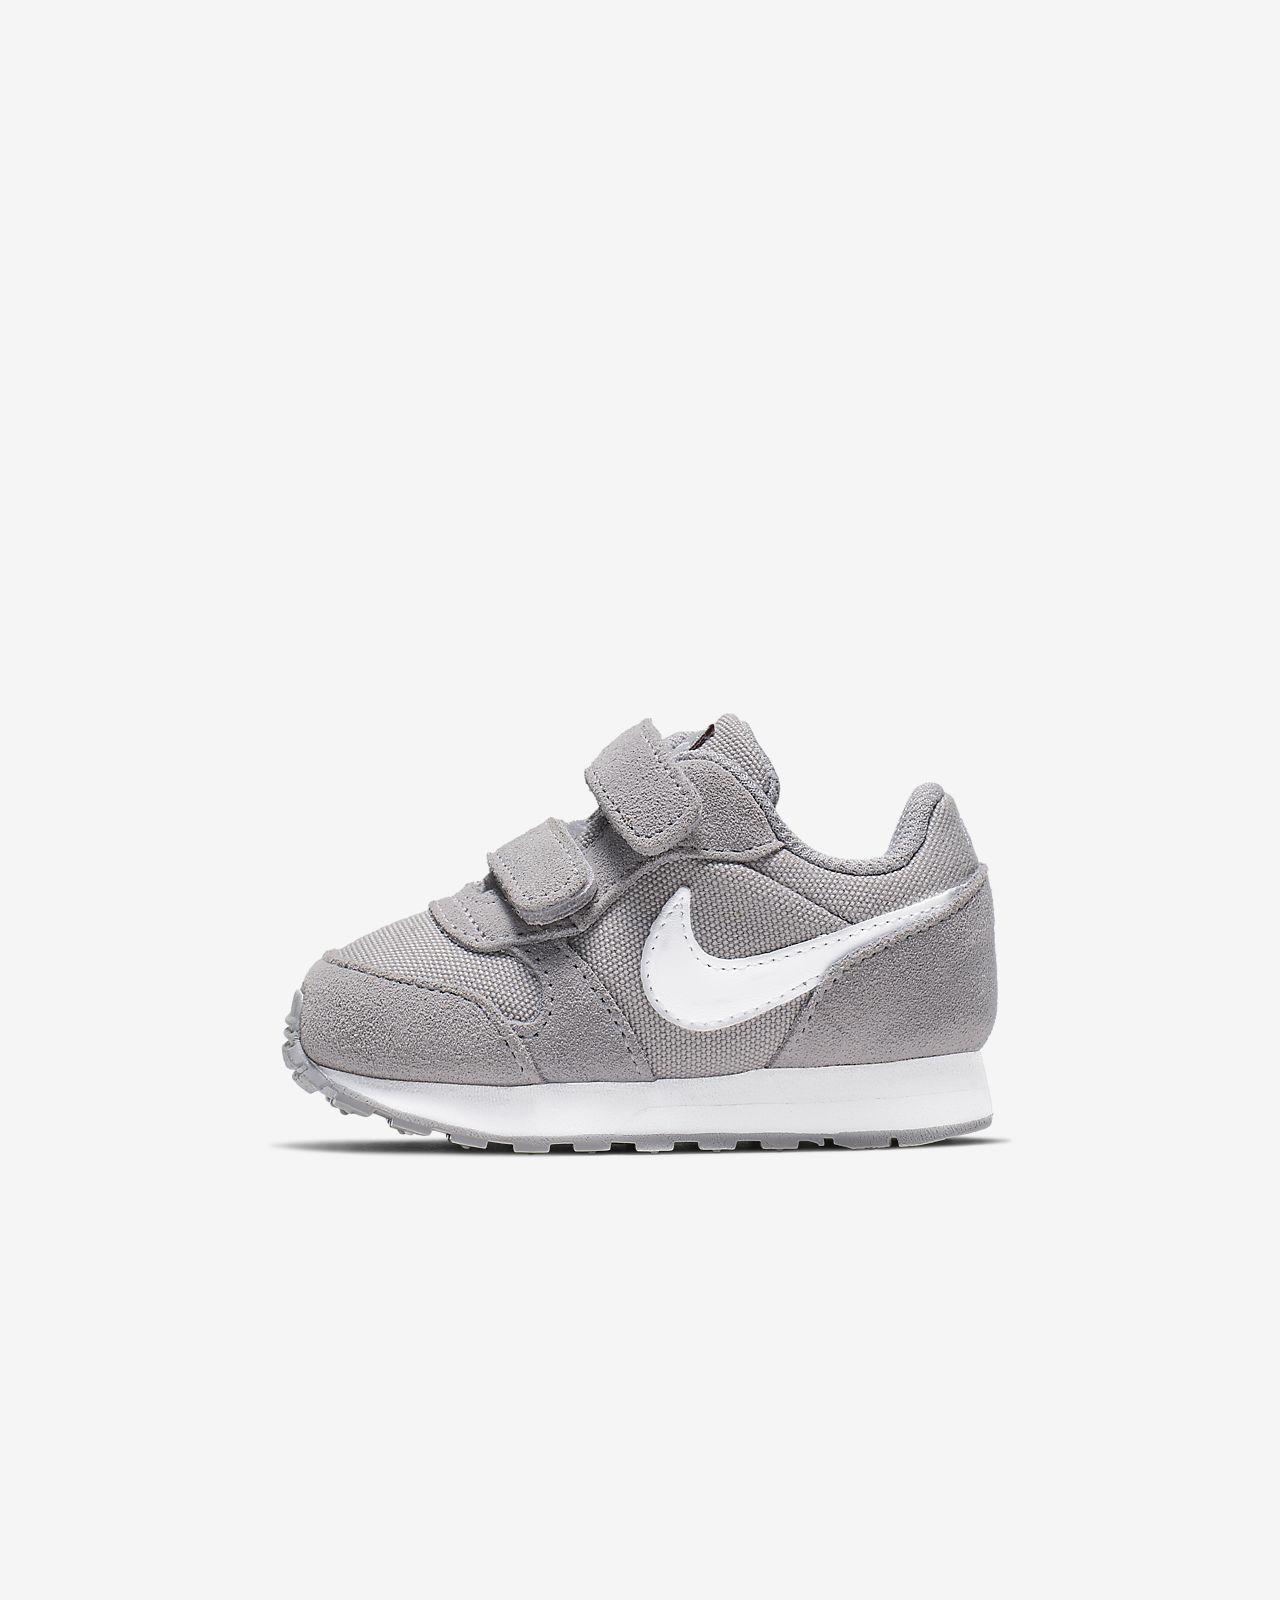 Nike MD Runner 2 PE Sabatilles - Nadó i infant